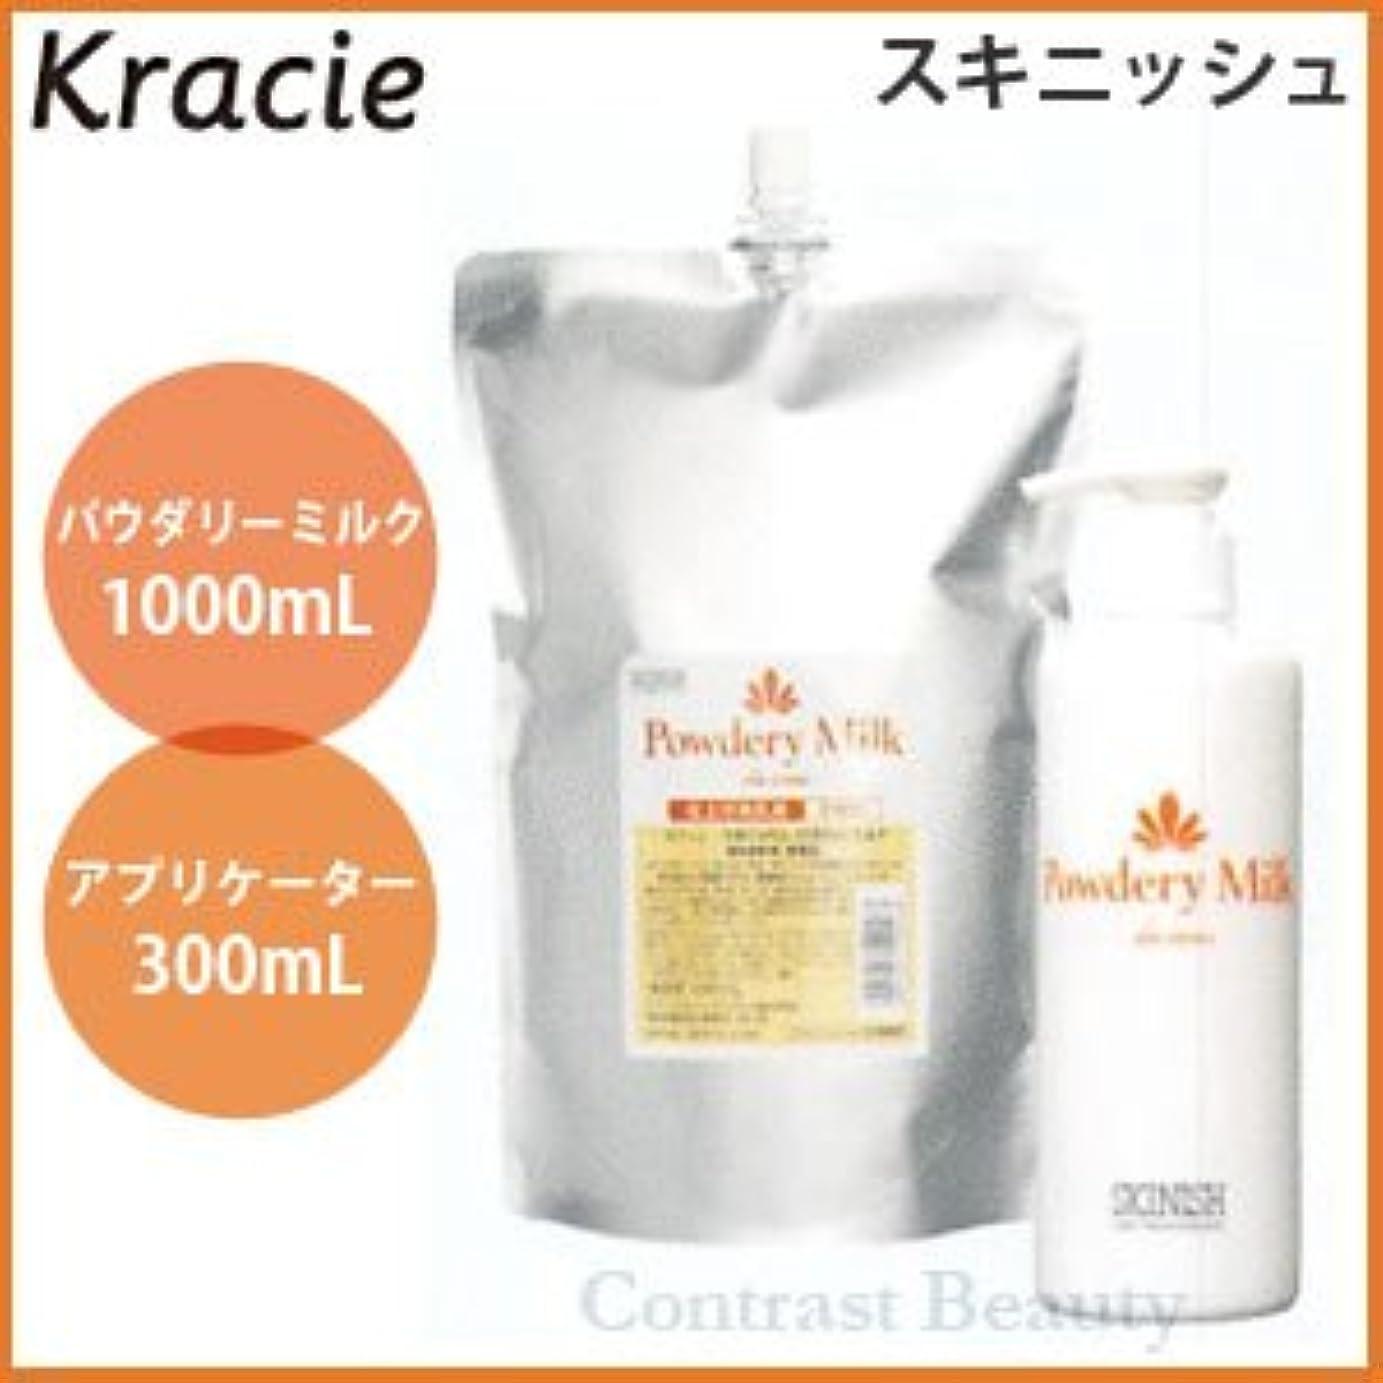 不適発明ちょっと待ってクラシエ スキニッシュ パウダリーミルク 1000ml 詰替え用 & アプリケーター 300ml